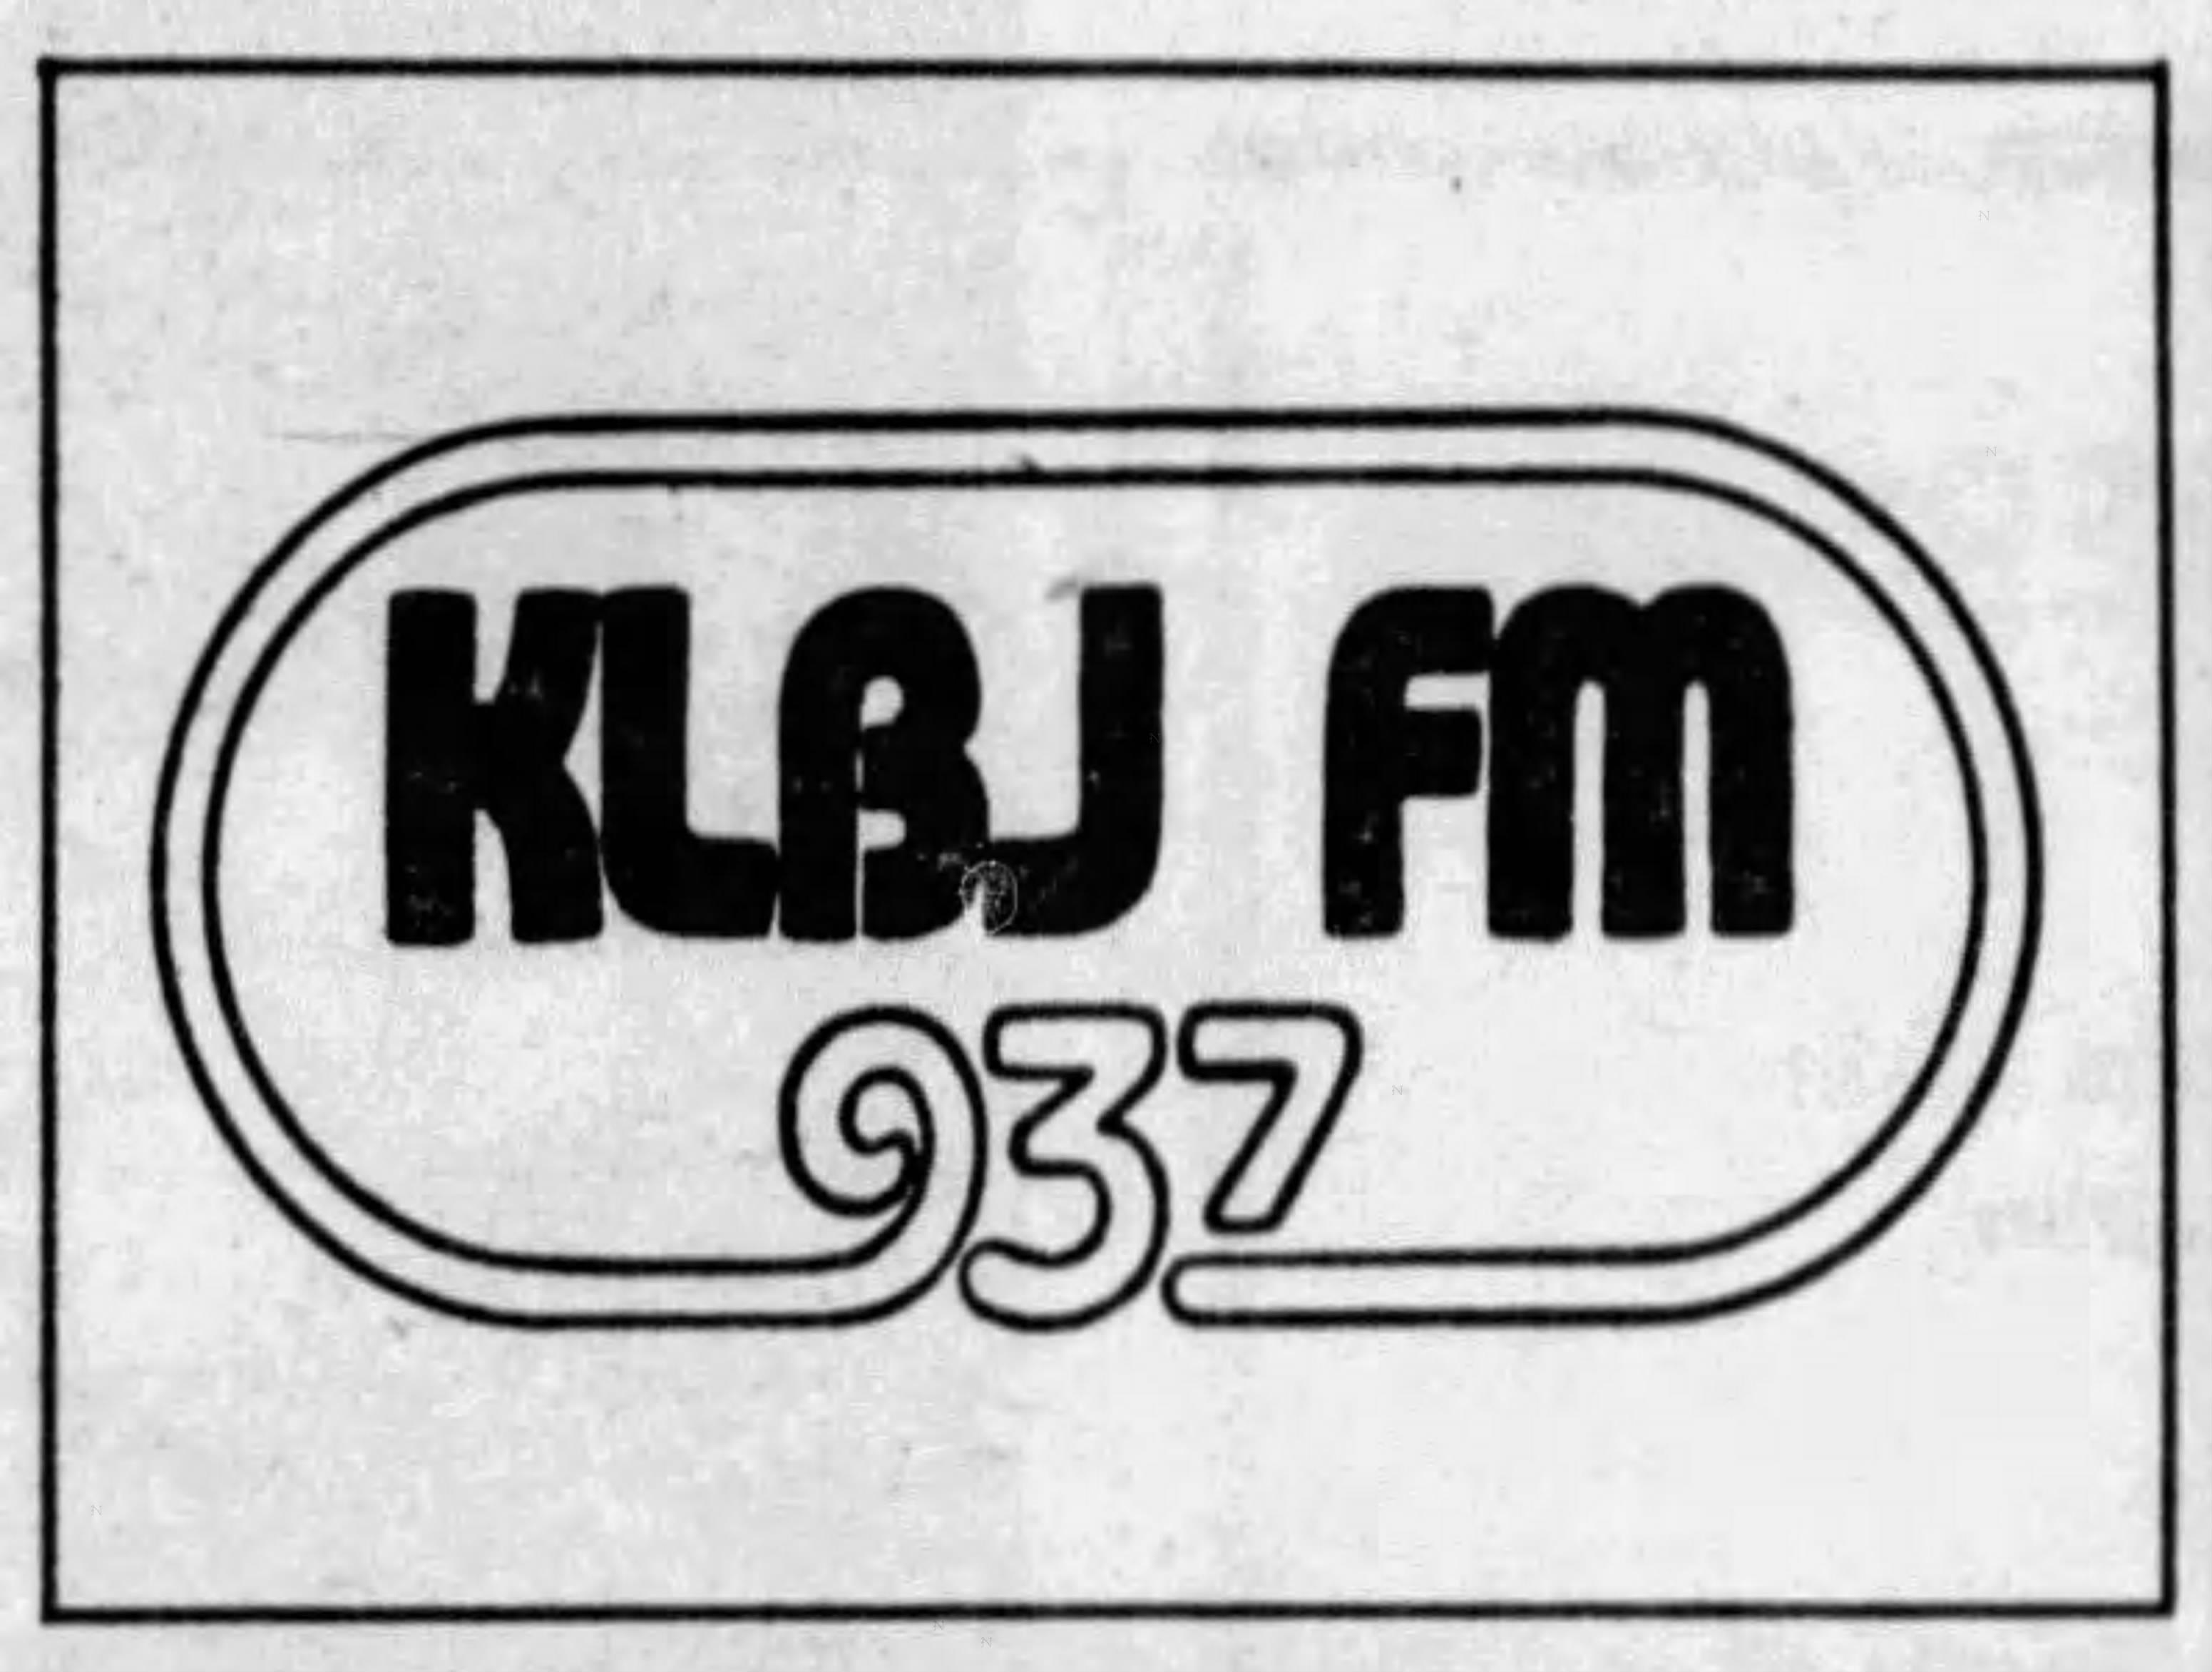 KLBJ-FM